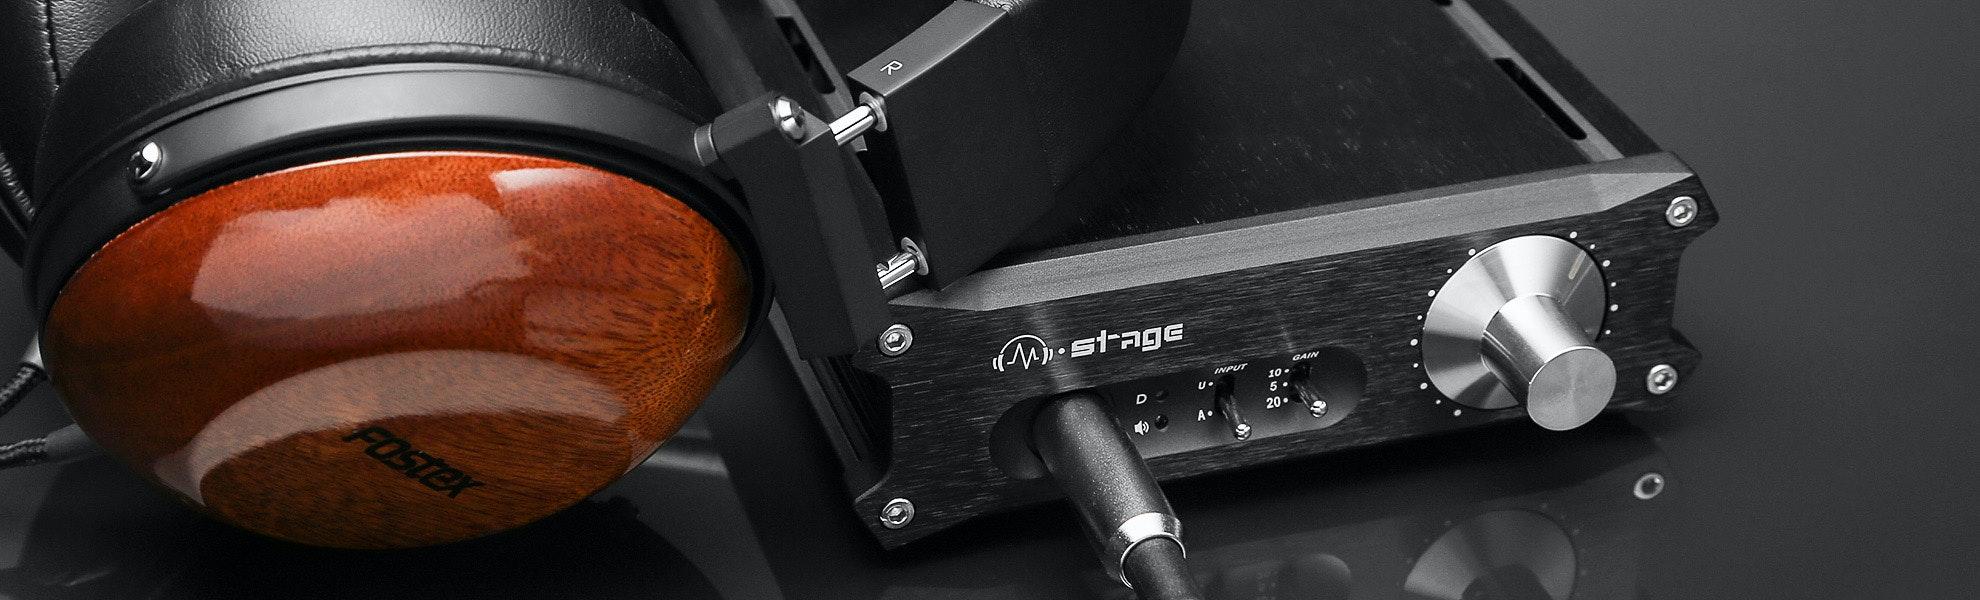 Matrix M-Stage HPA-3U+ DAC/Amp